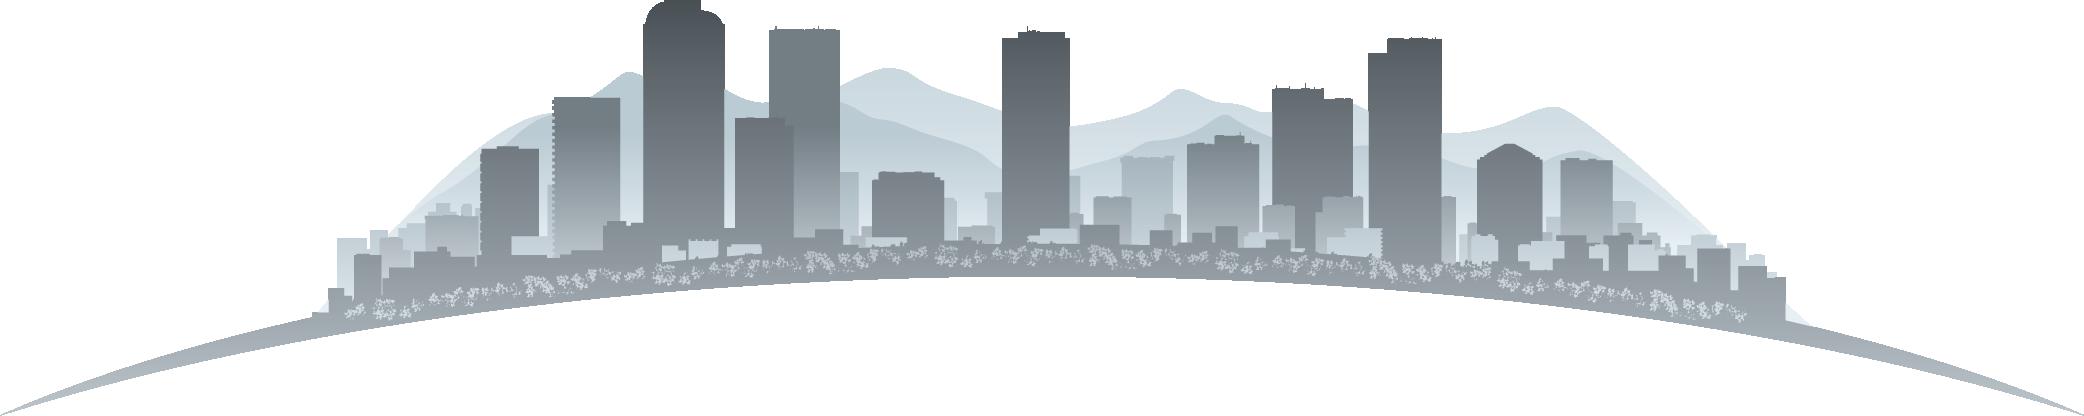 Test America - Denver, Colorado